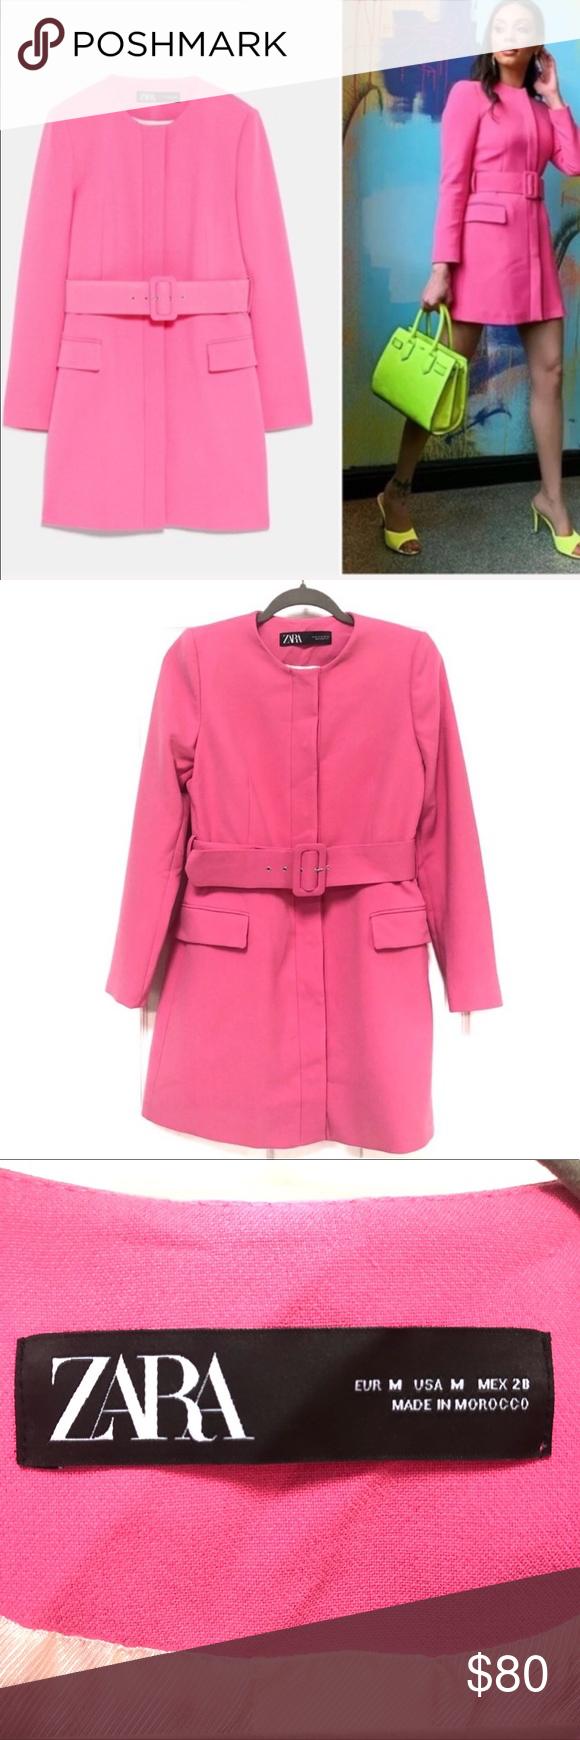 HOST PICK NWT ZARA Belted frock coat in pink ZARA Belted